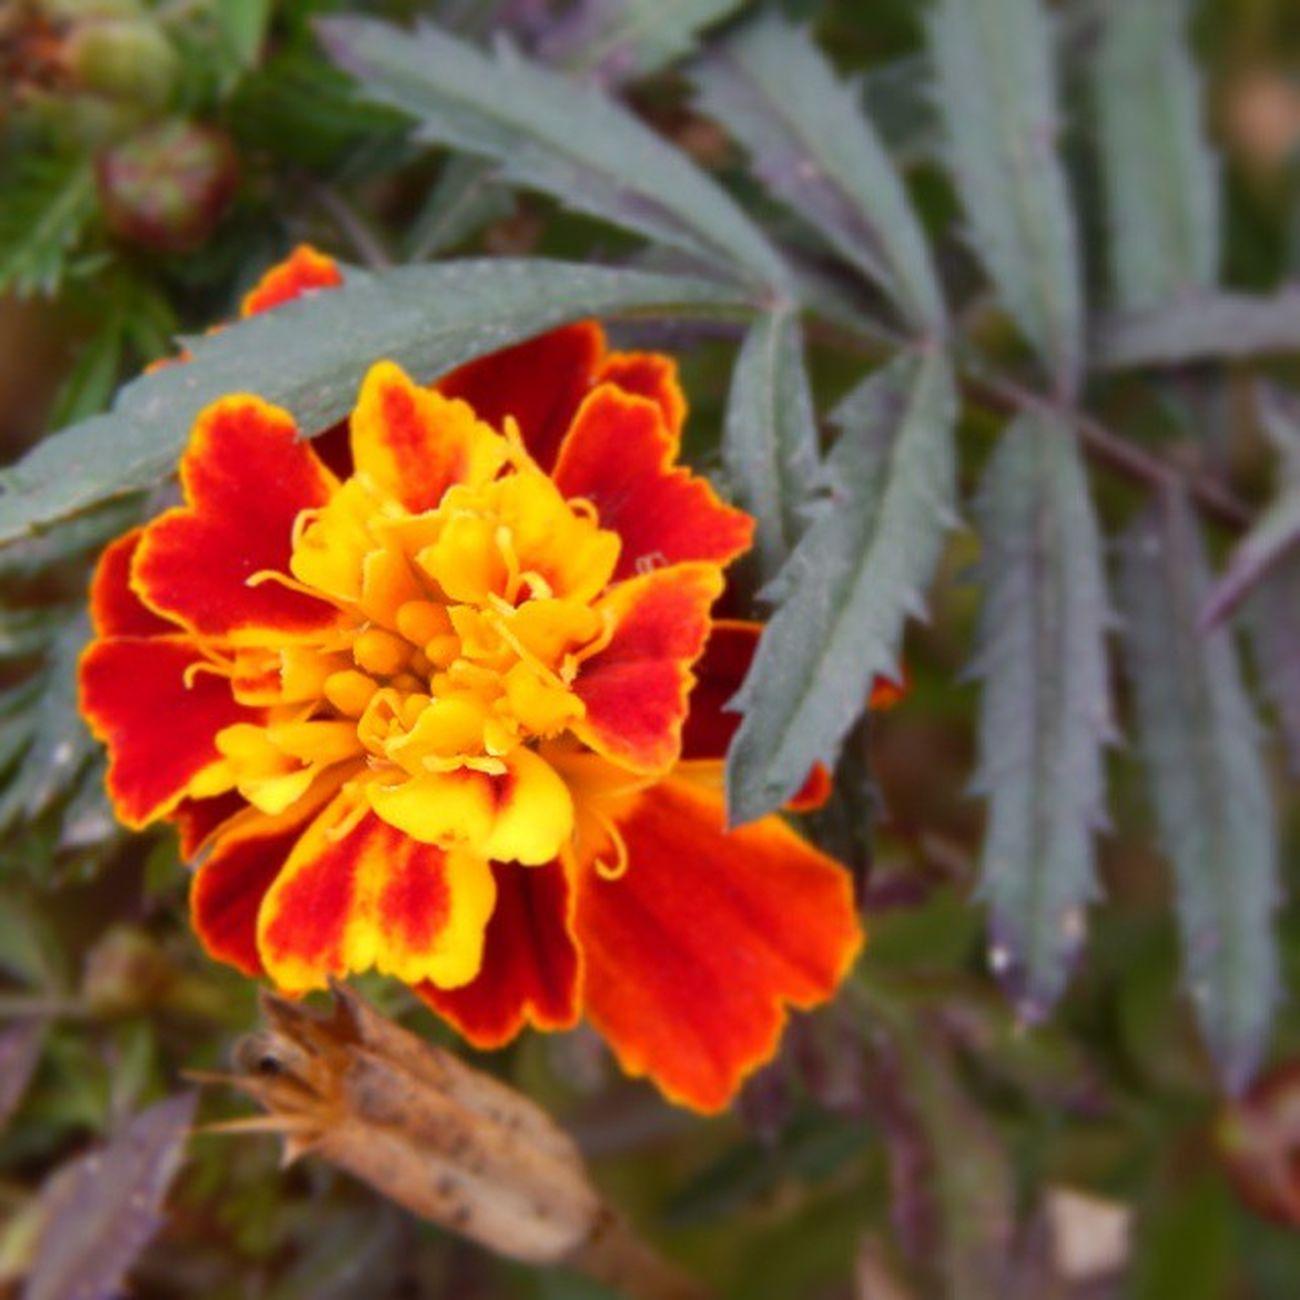 цветы осень Николаев яркийцвет Природа девочкитакиедевочки украина Nikolaev Nature